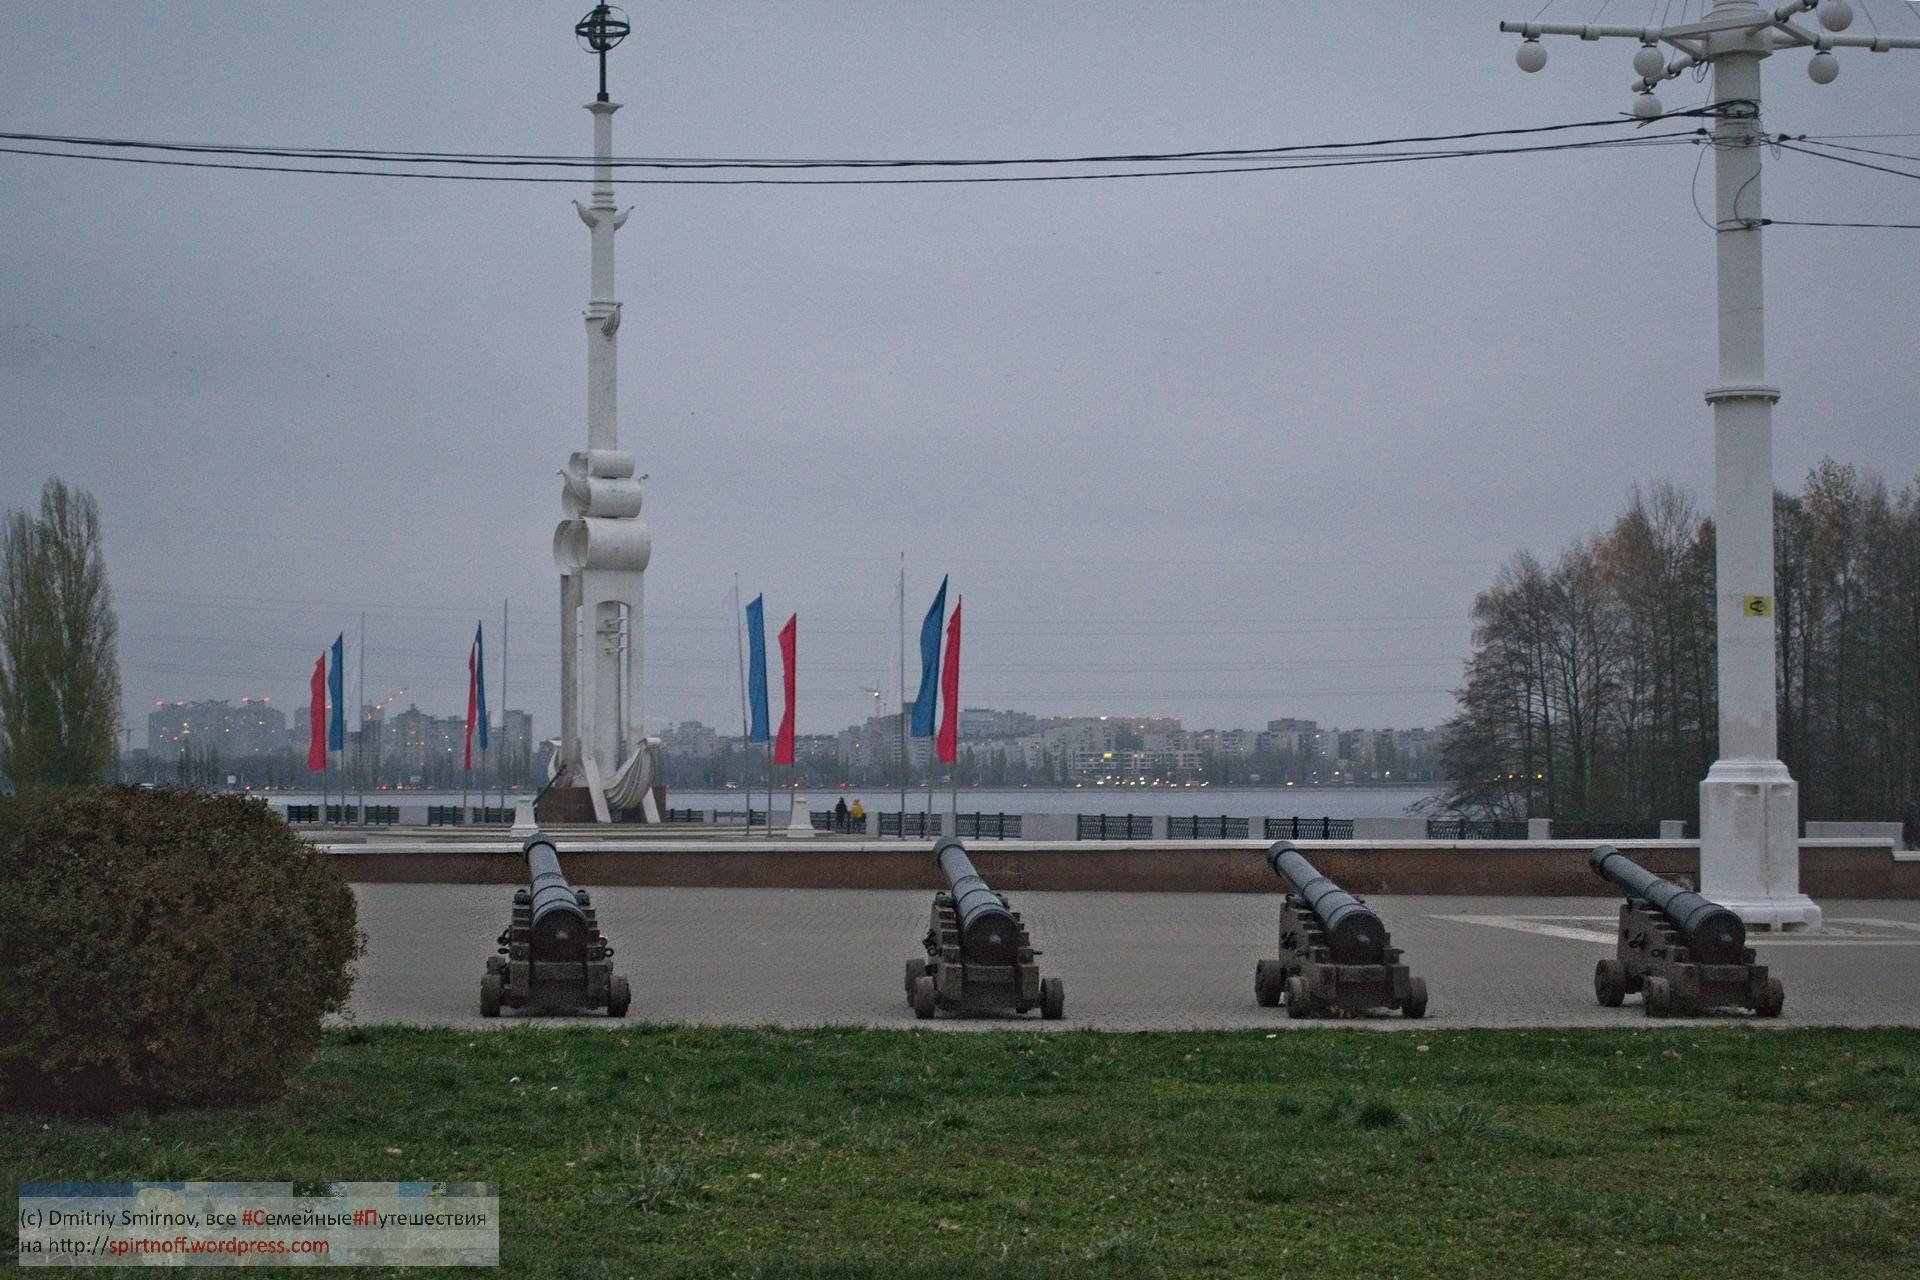 DSC_8789-33-Blog-122 Путешествия  Воронеж. Портал в соседнее измерение